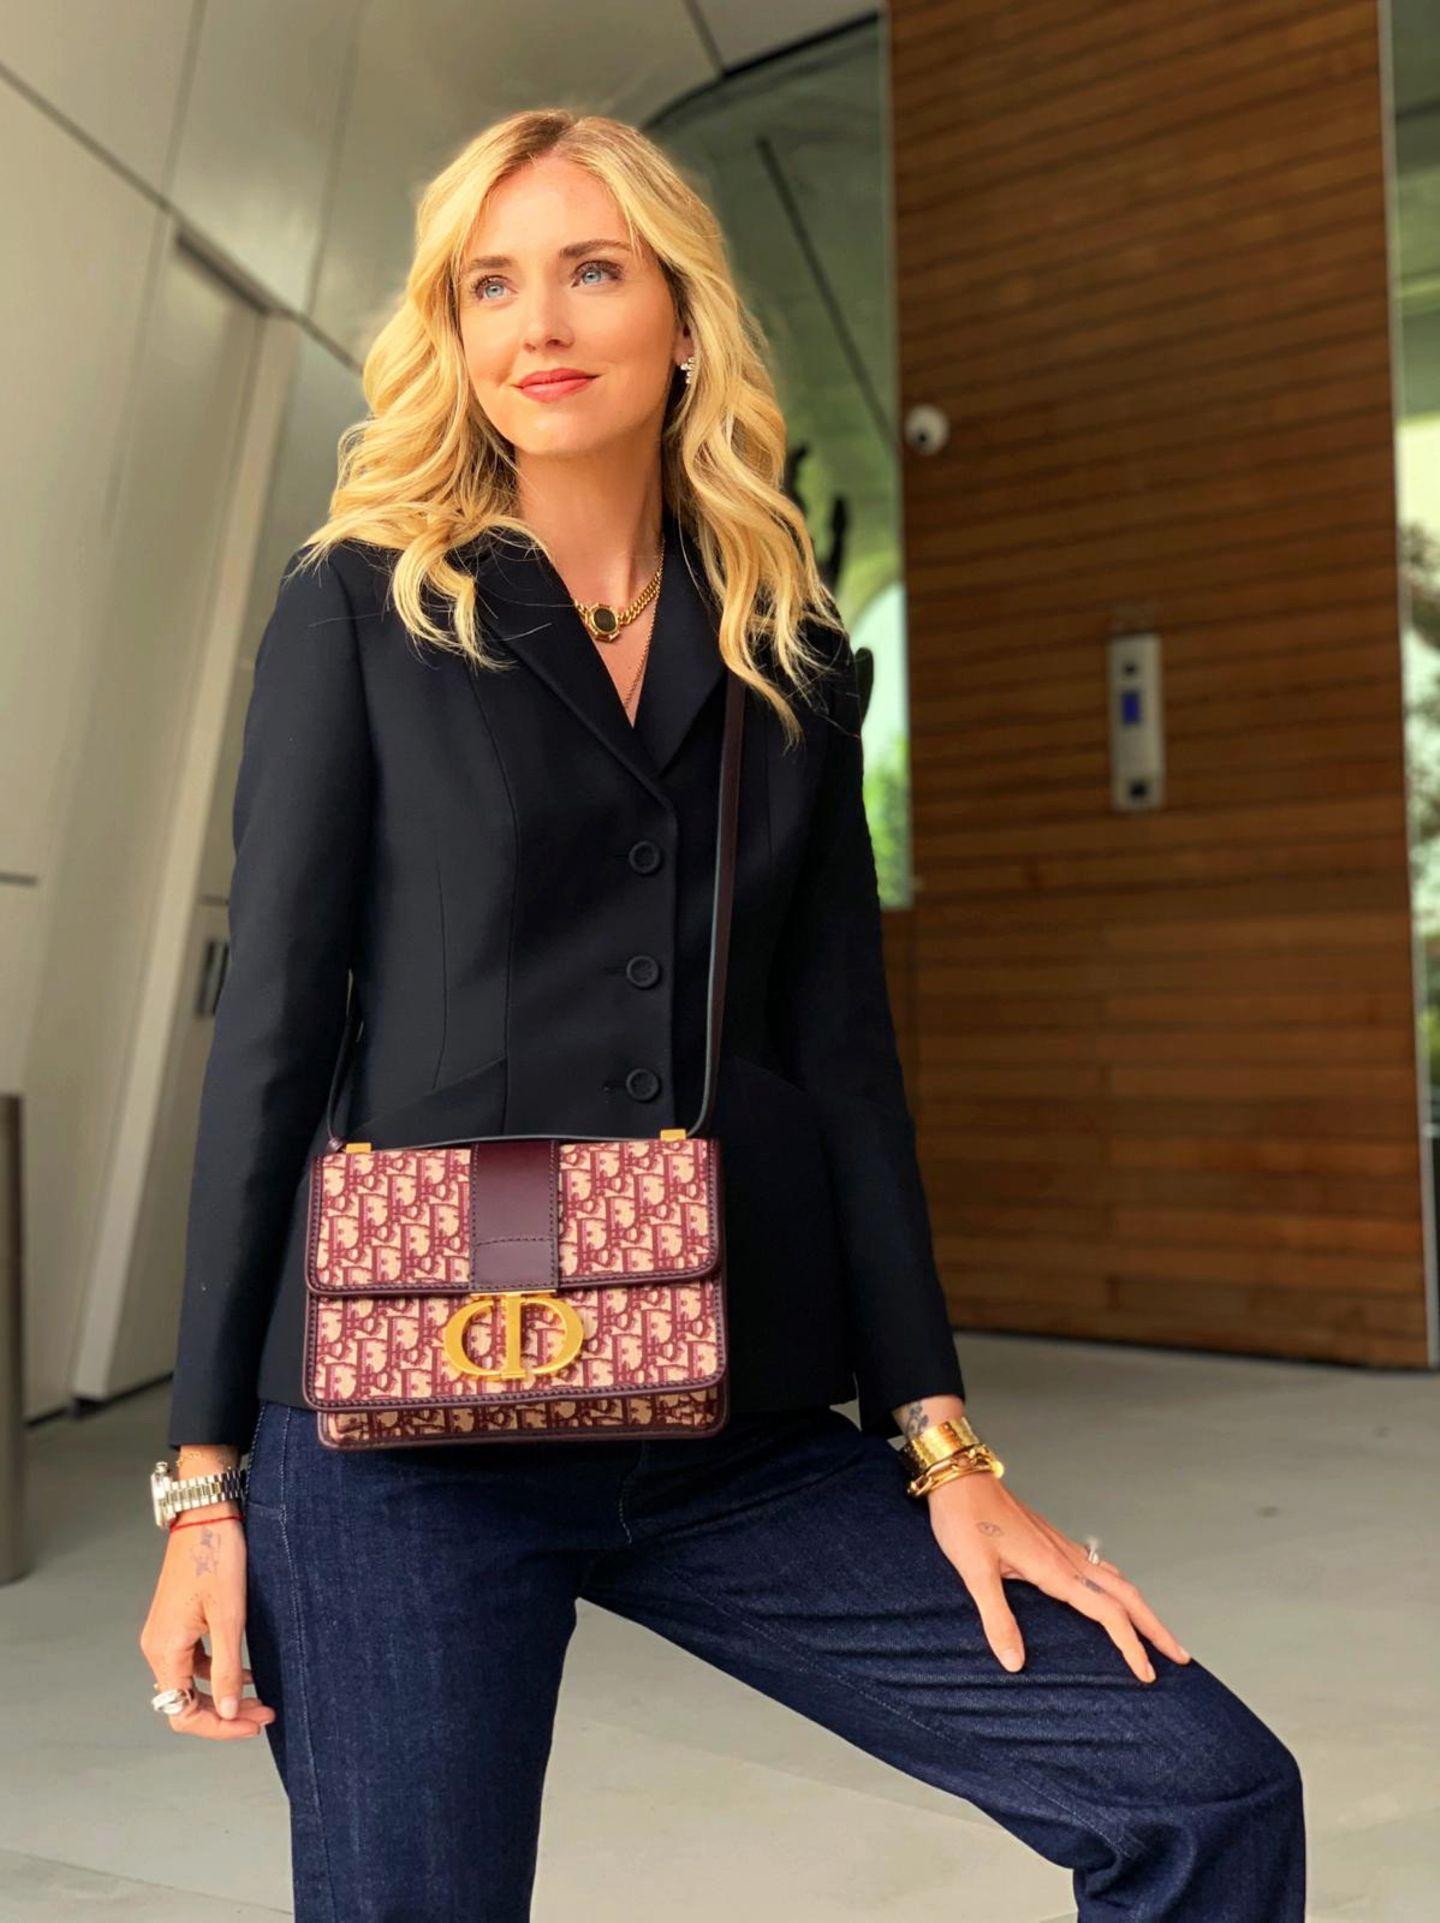 """Auch Bloggerin Chiara Ferragni steht die """"30 Montaigne Bag"""" ganz besonders gut. Sie trägt die Tasche crossbody und ebenfalls aus Dior Oblique, jedoch in einem dunklen Rotton."""